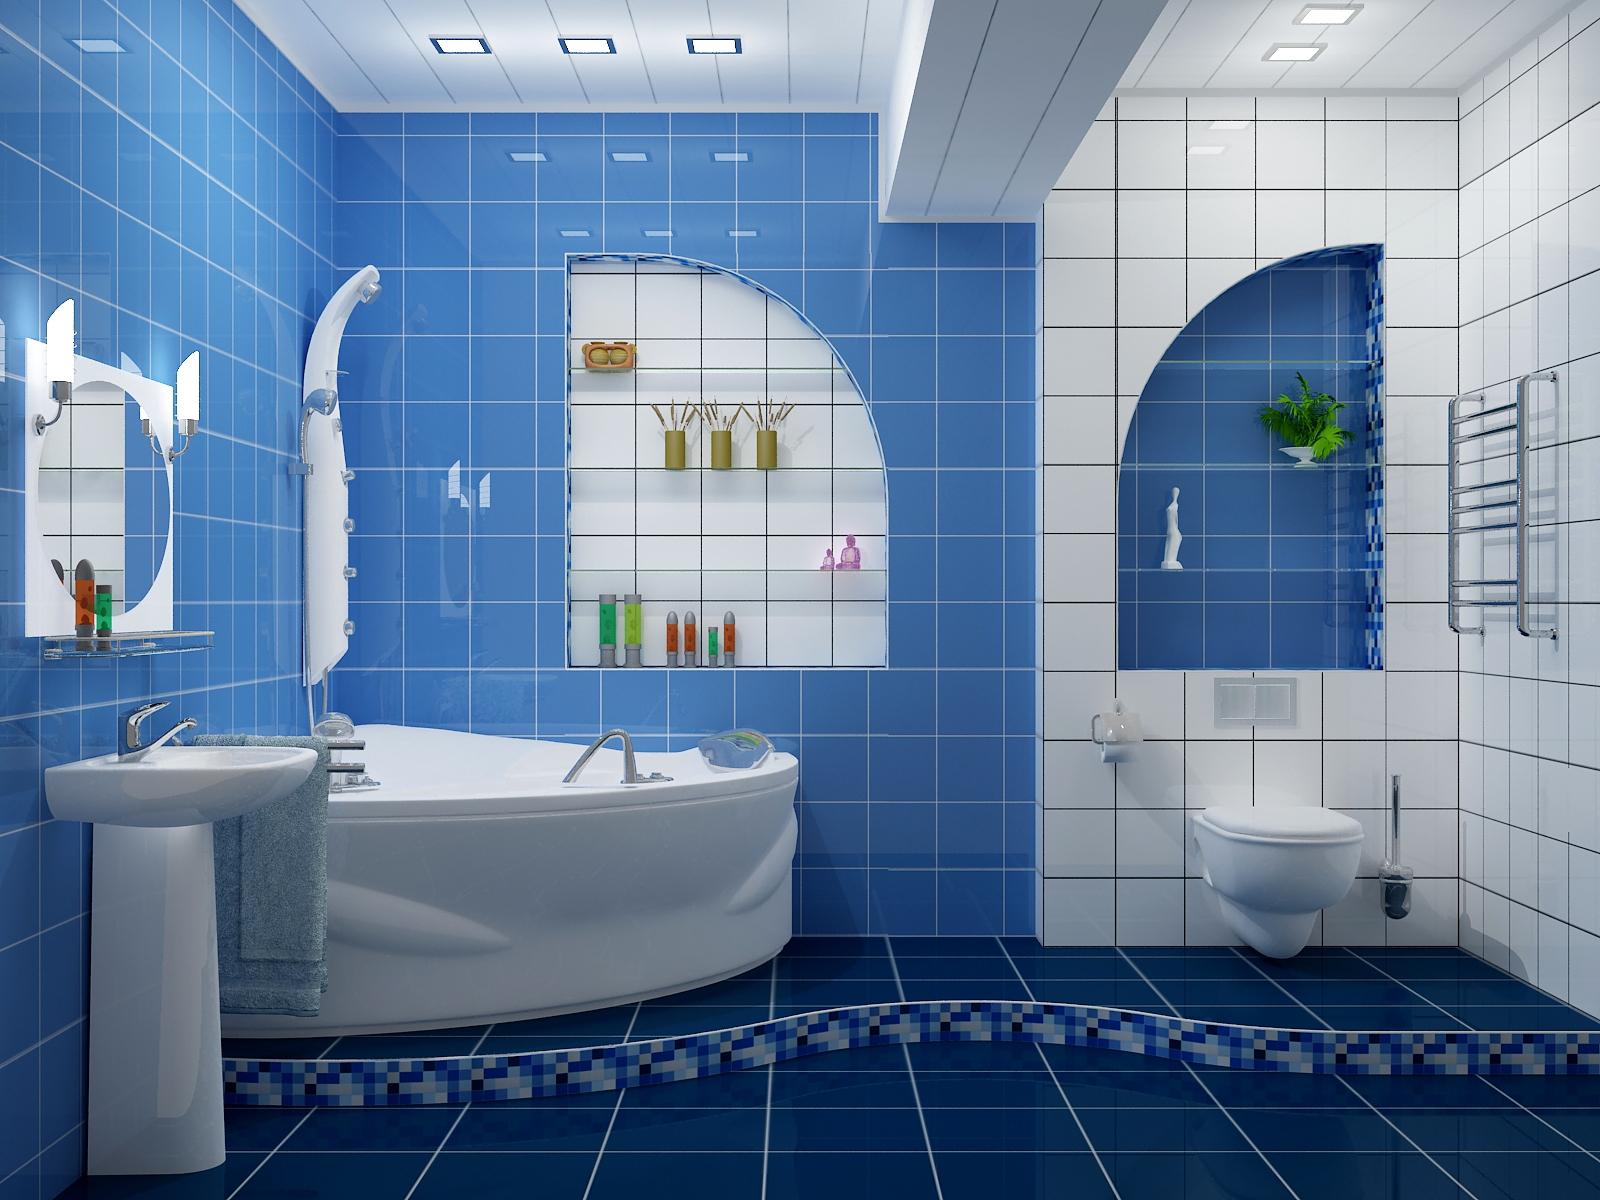 Оформление дизайна в ванной комнате для девушек